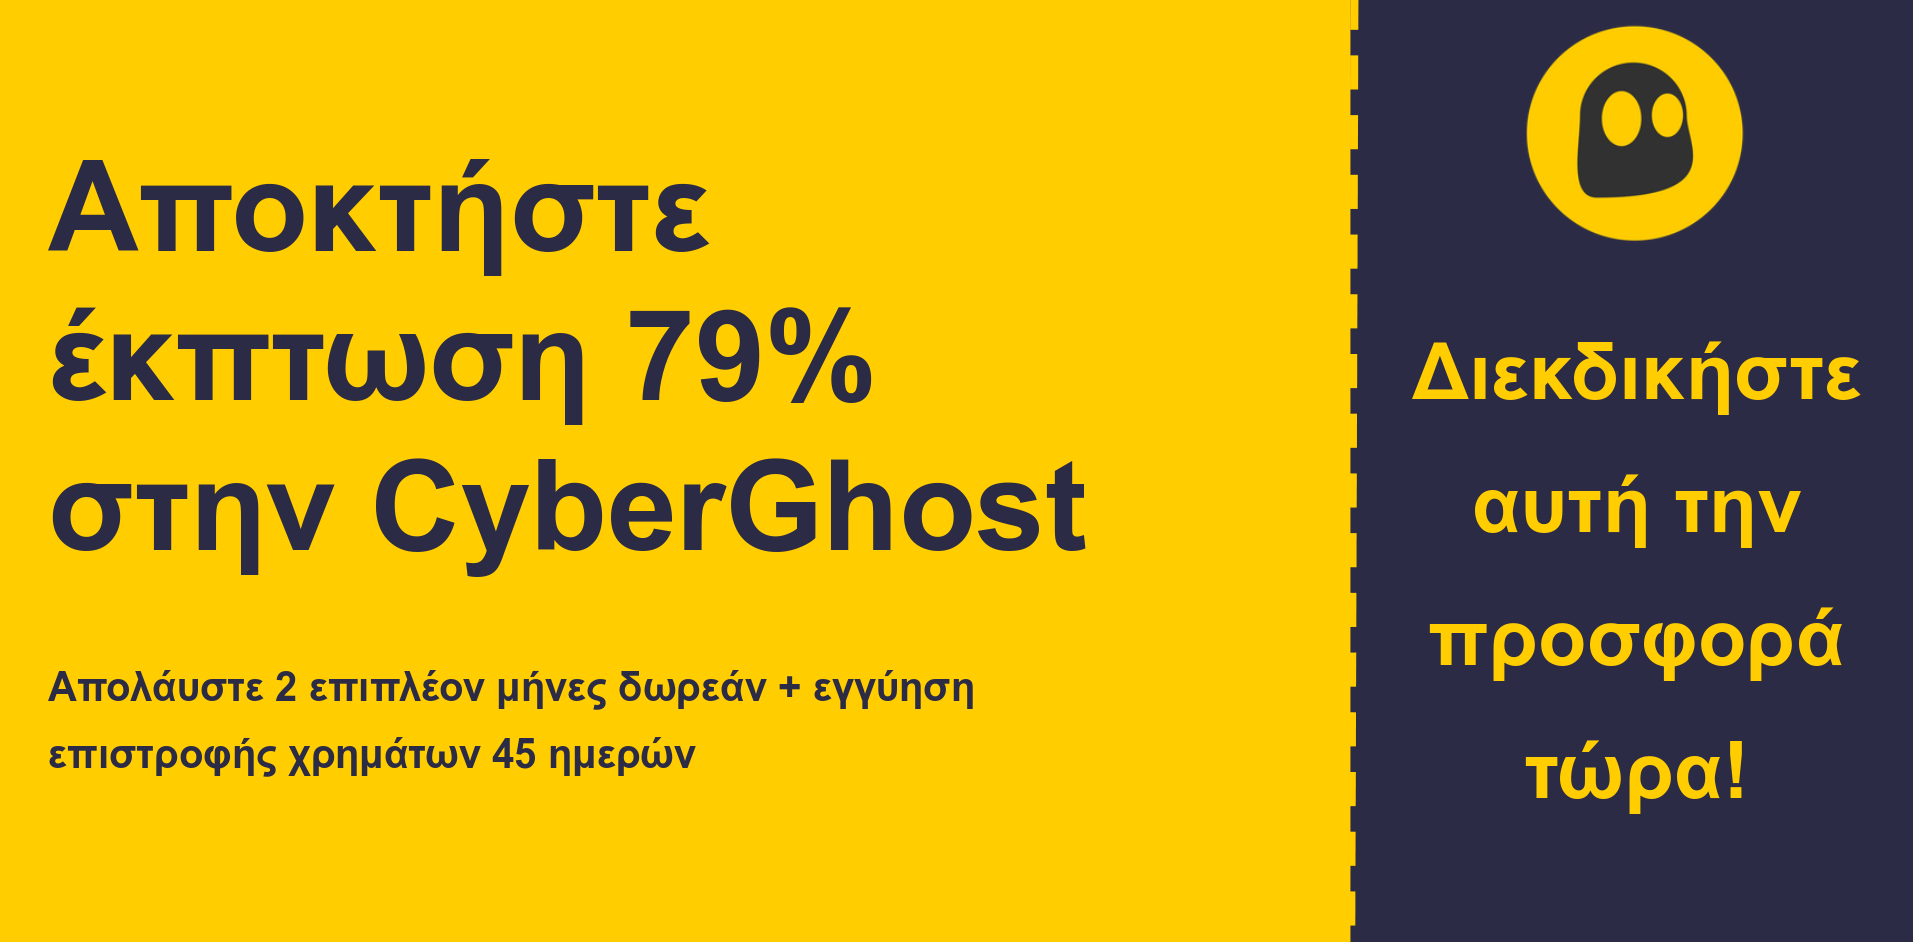 γραφικό του κύριου banner κουπονιού CyberGhostVPN που δείχνει 79% έκπτωση